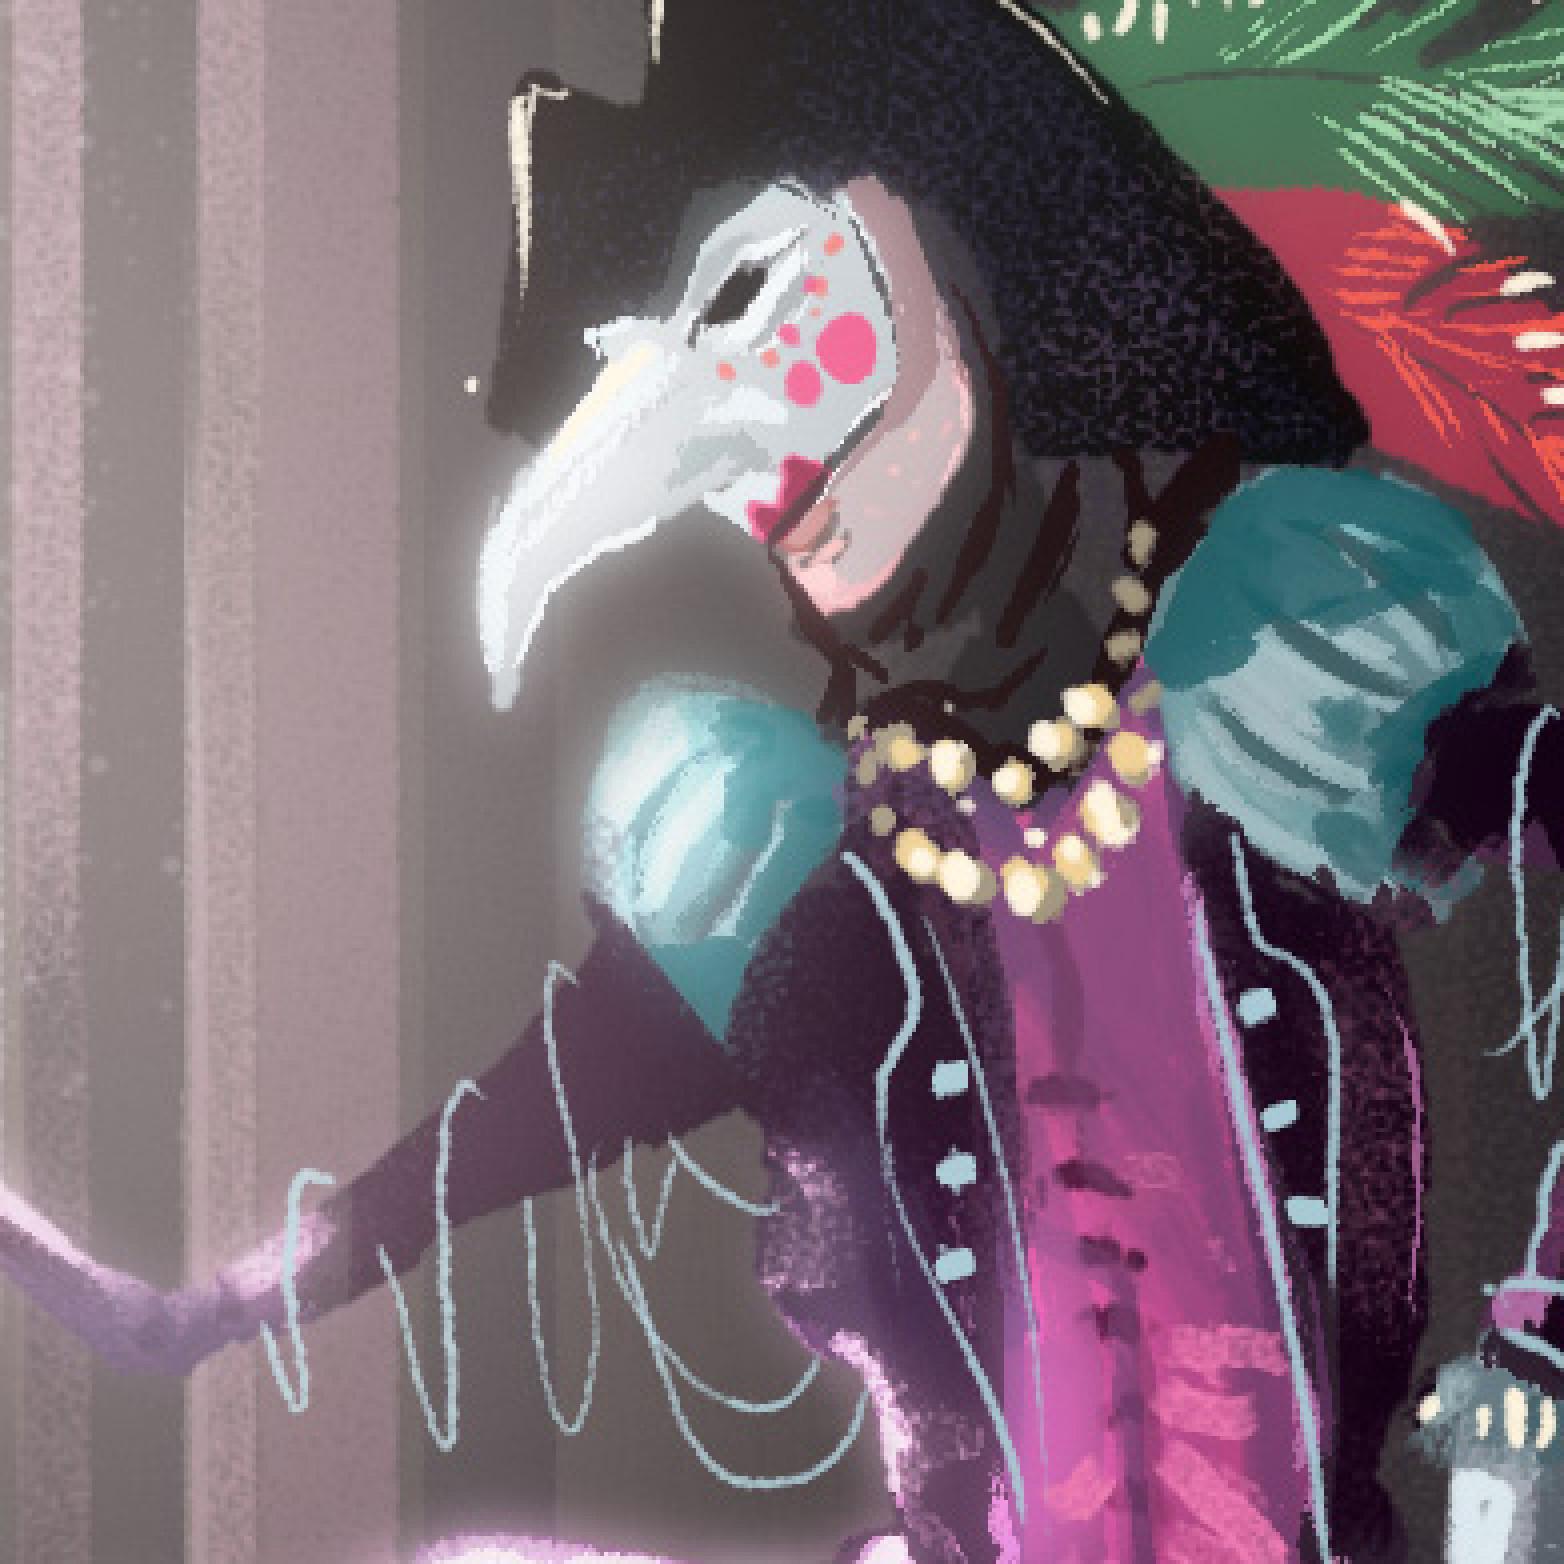 Venice masked man